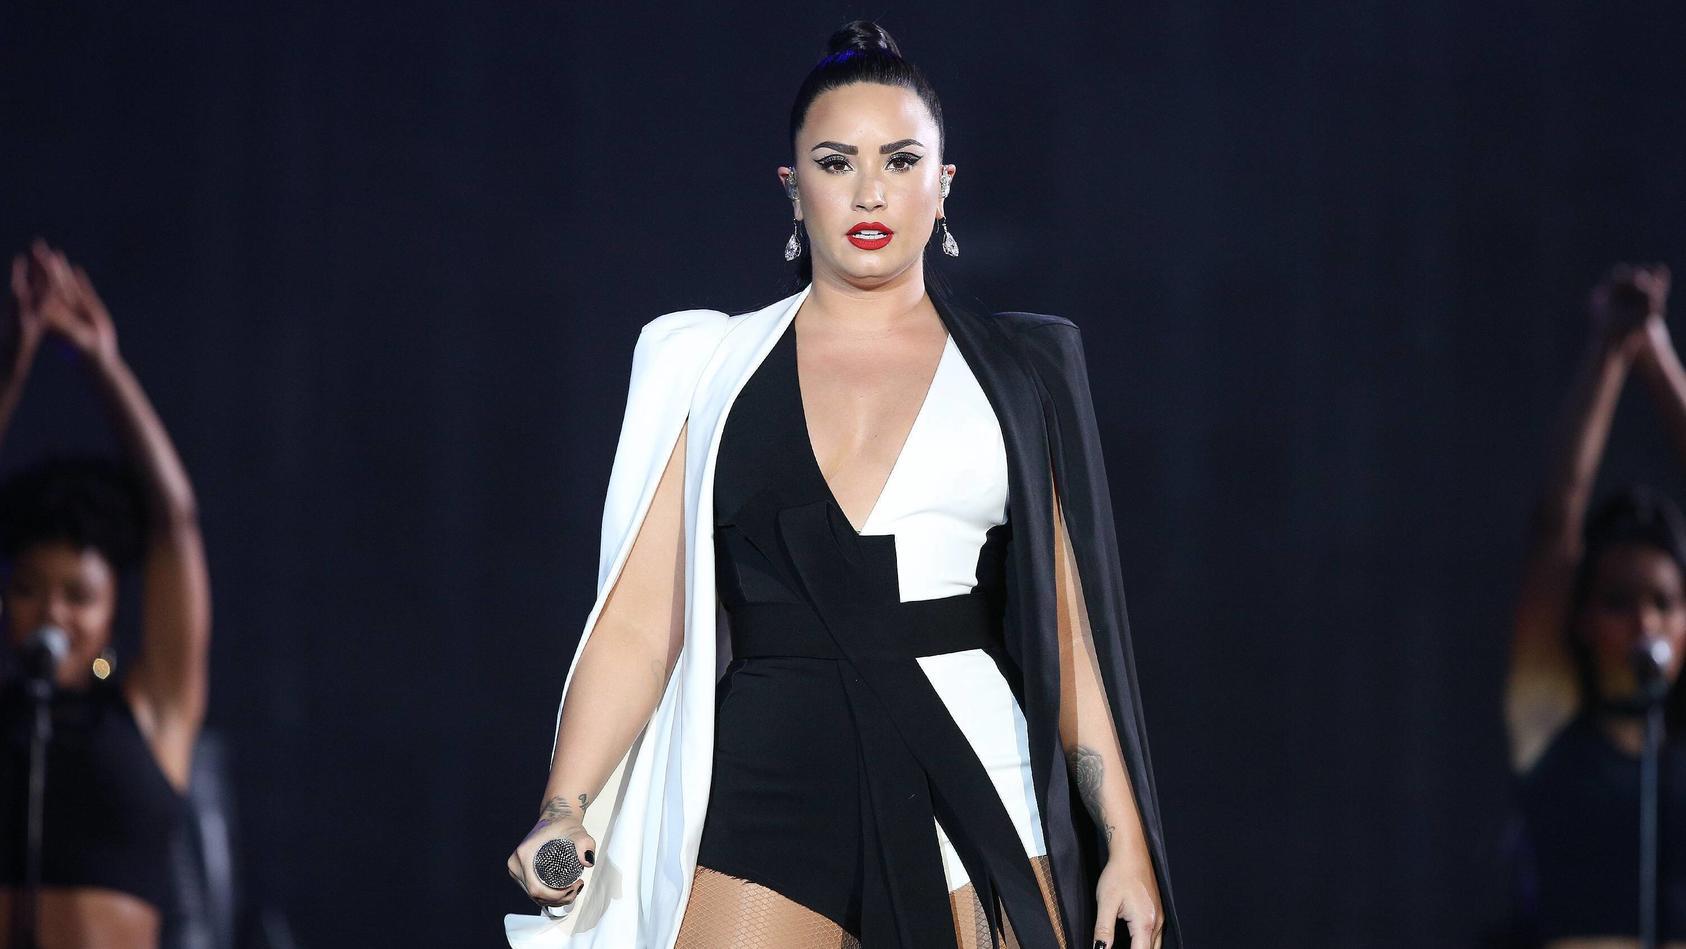 Sängerin und Schauspielerin Demi Lovato zeigt sich in einem neuen Look